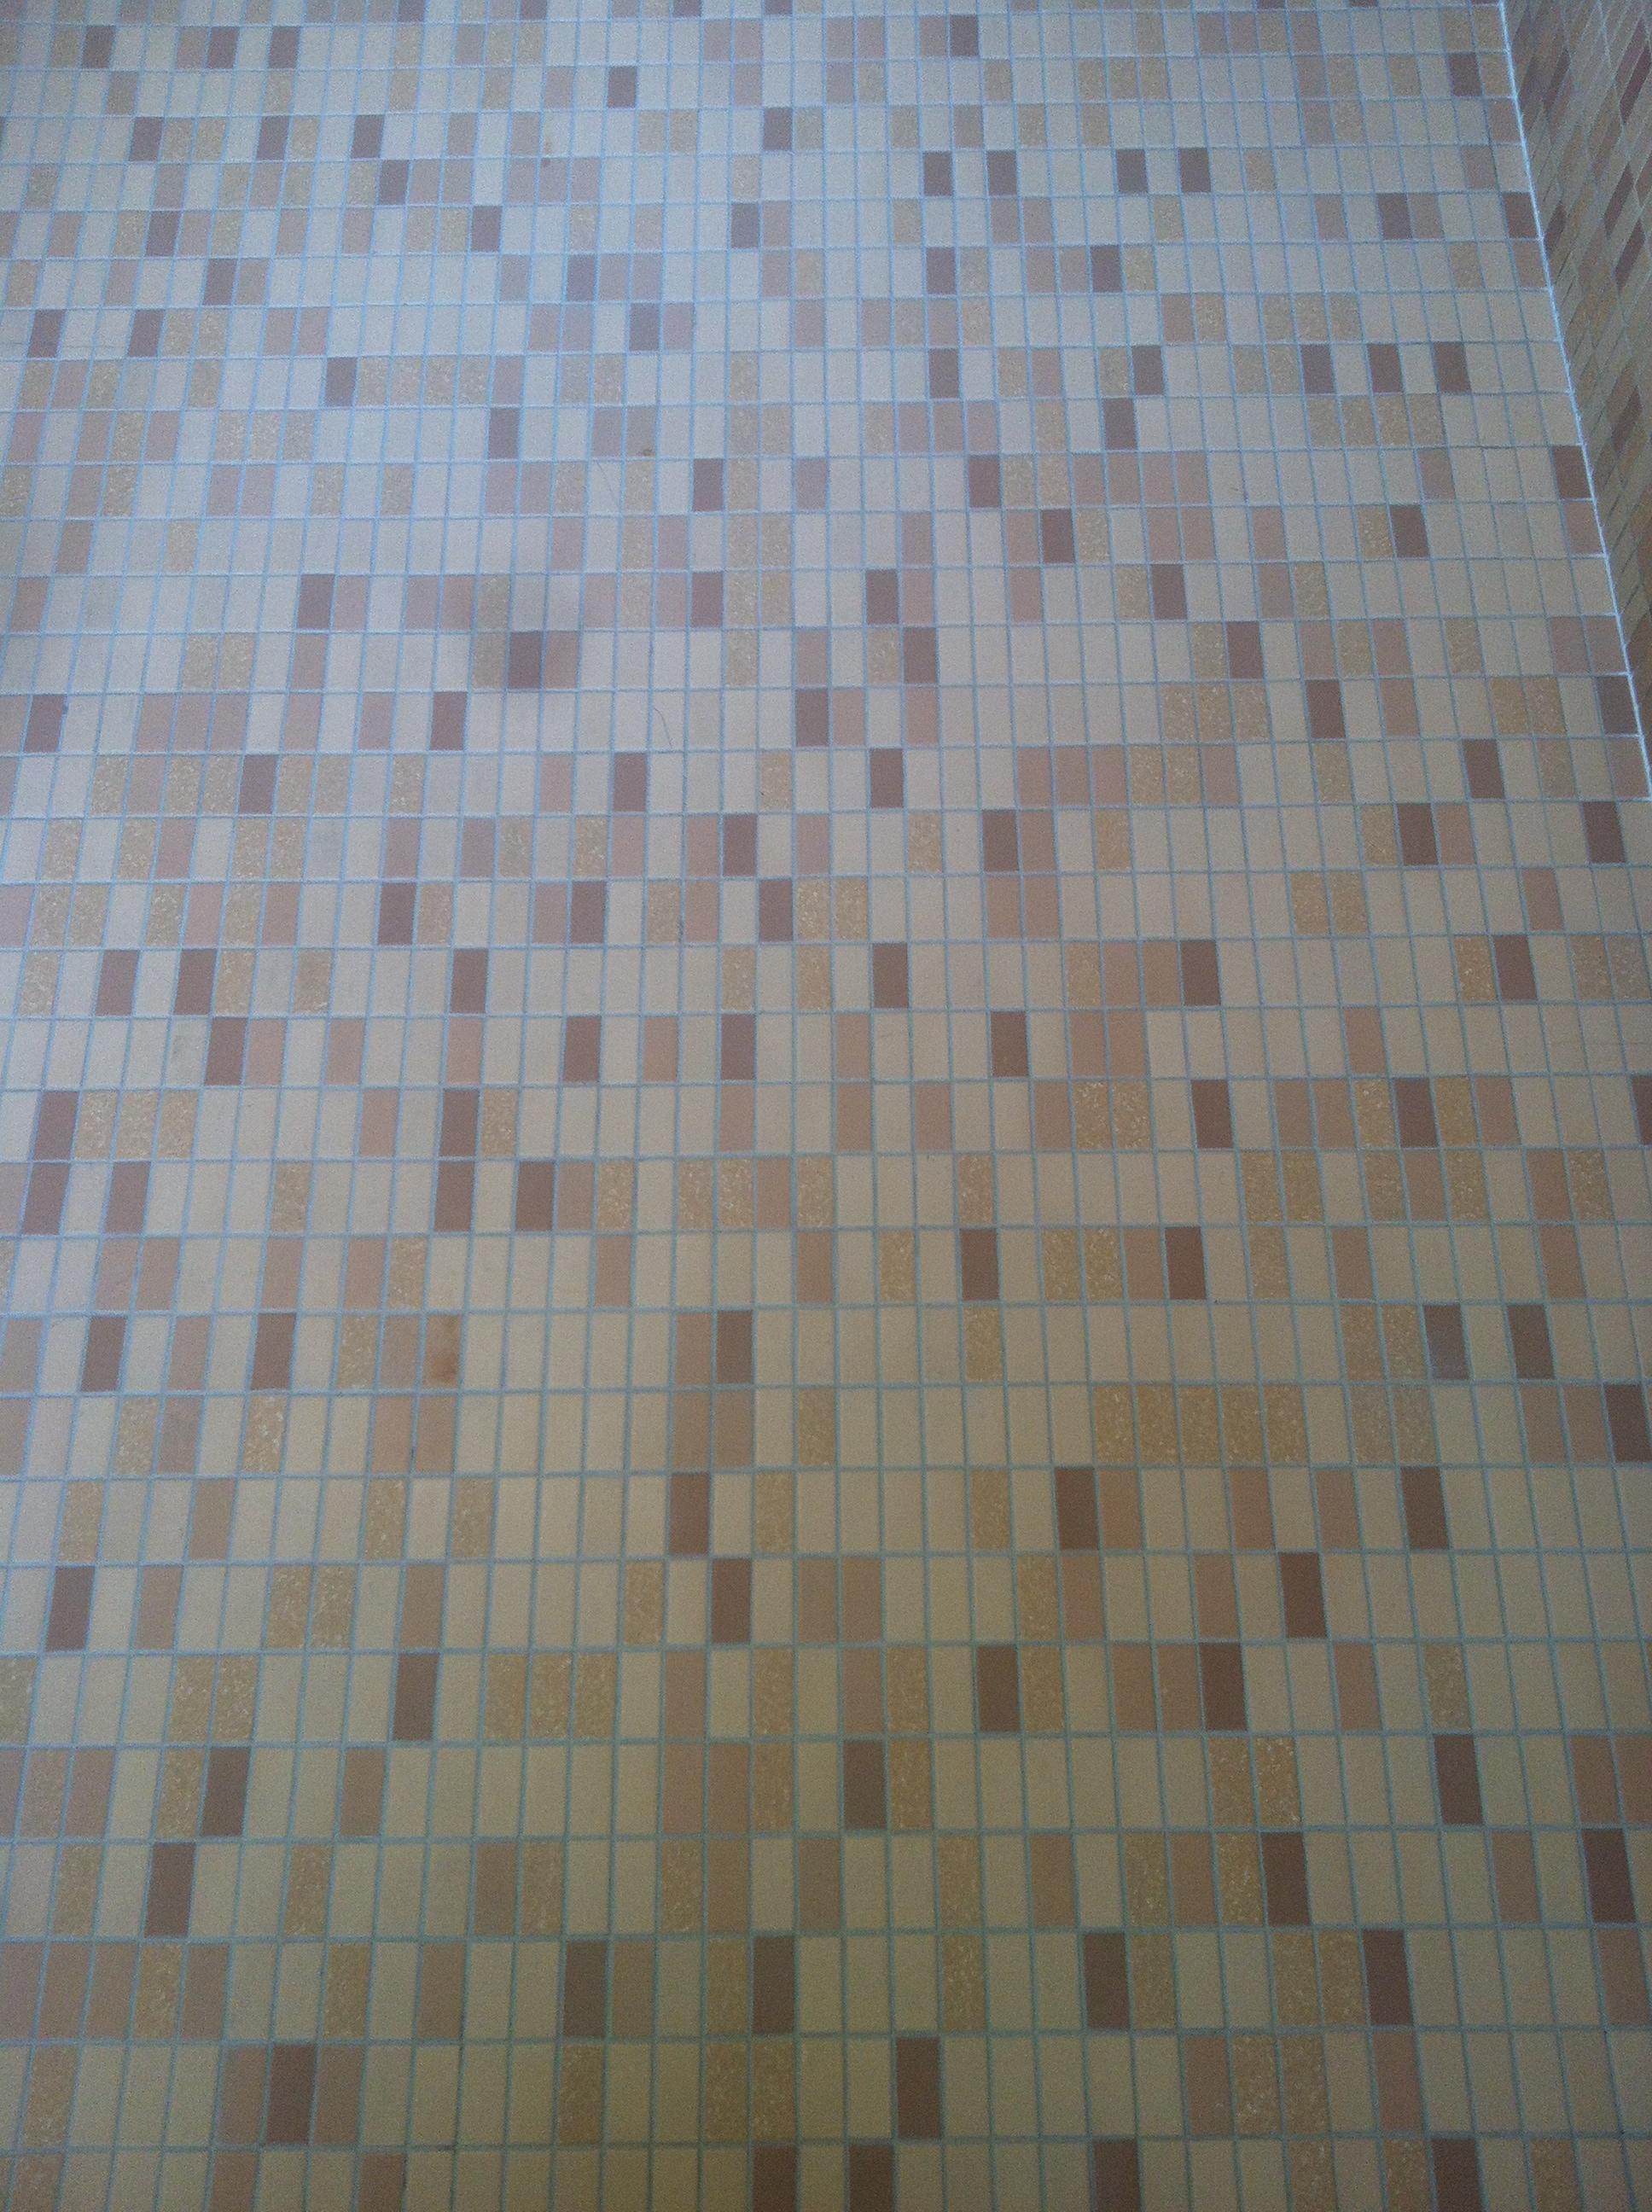 Ceramic Tile NeverStrip Restoration Matte, grout color restoration with anti-slip A, NOVO.JPG